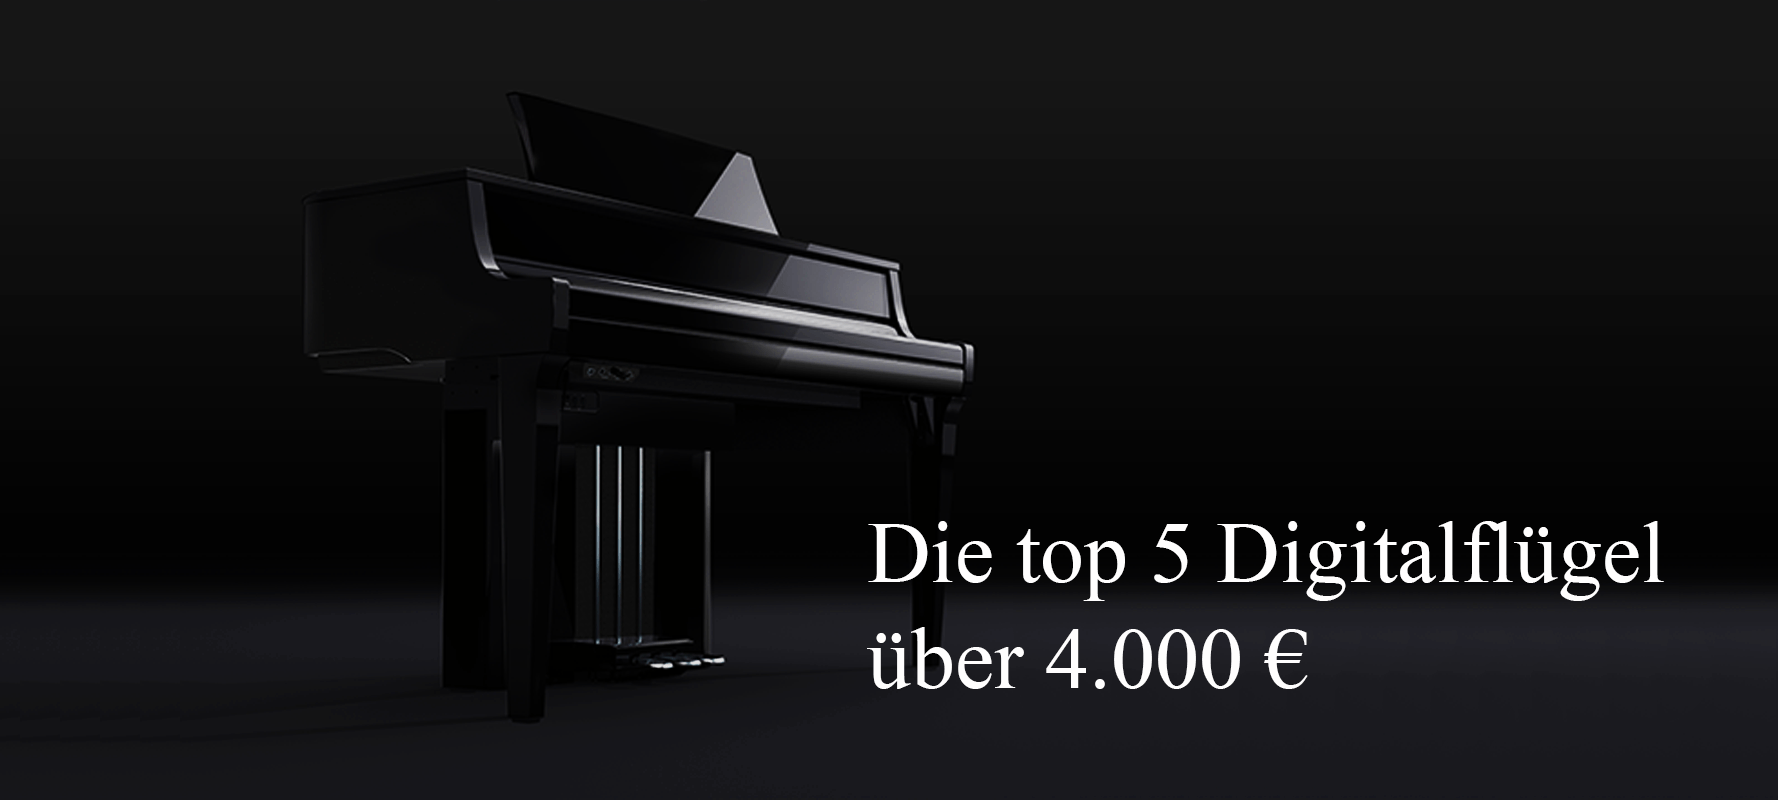 Die top 5 Digitalflügel über 4.000,00 €